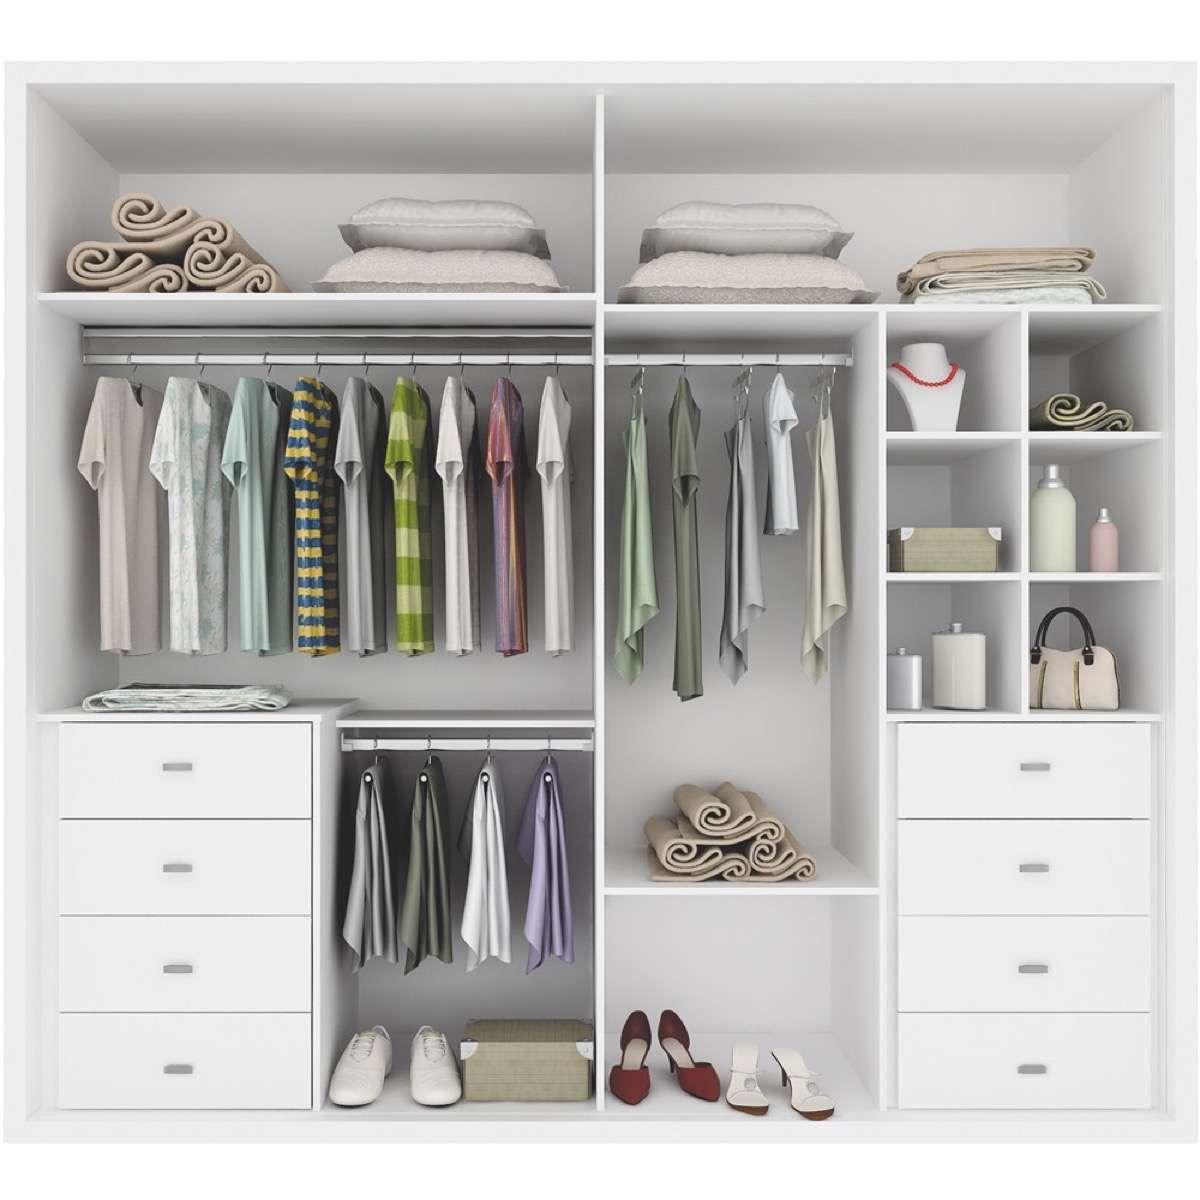 Distribucin de armarios cmo organizar la ropa para